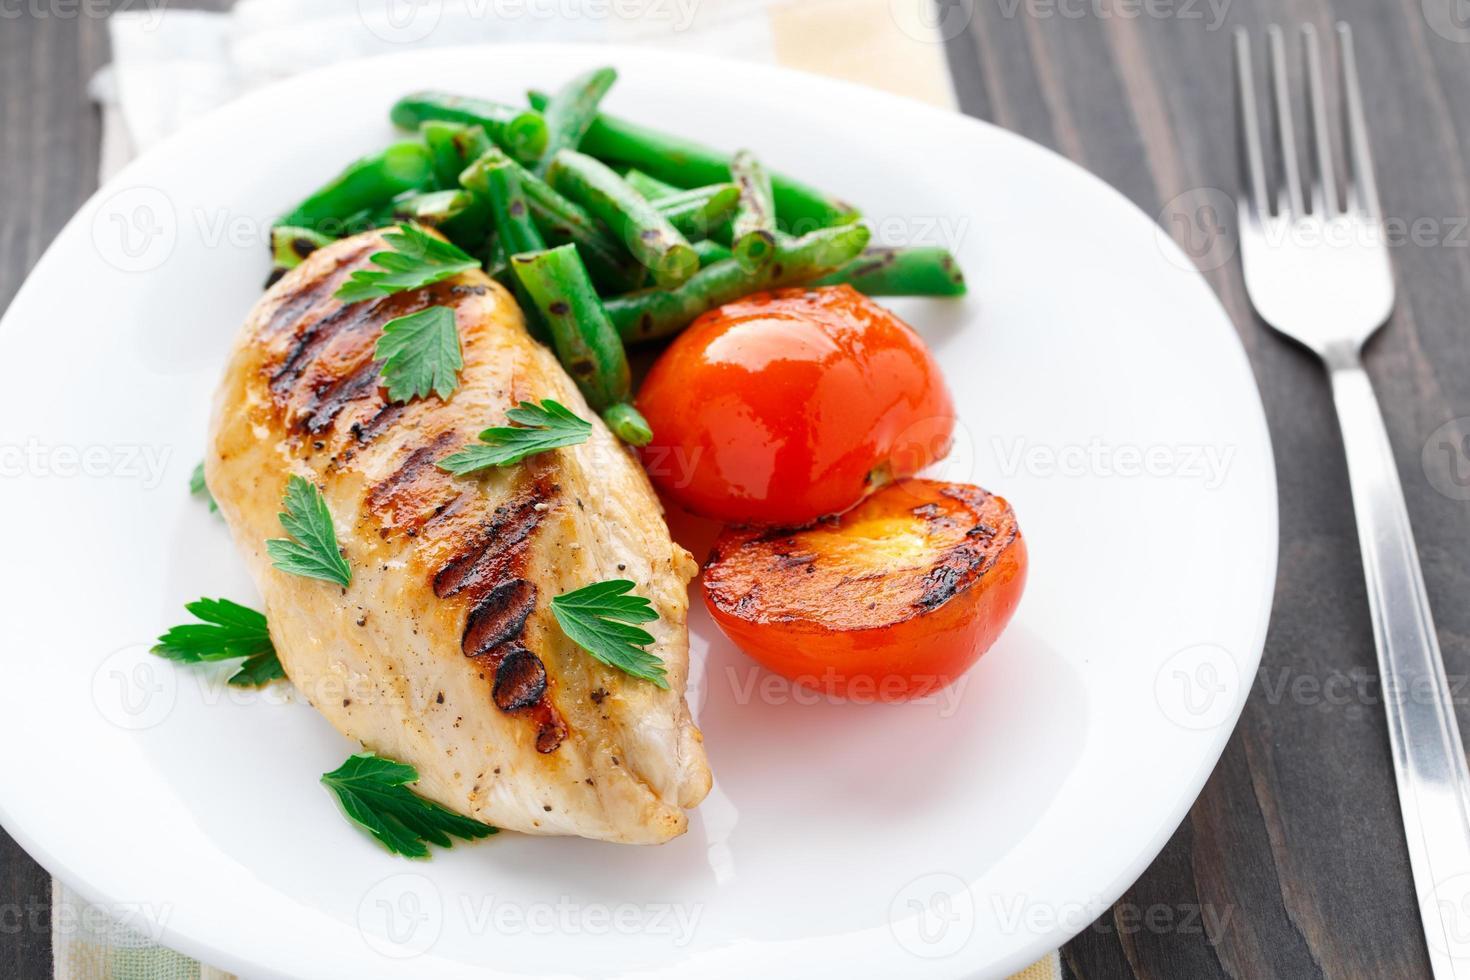 poulet grillé aux haricots verts et tomates photo